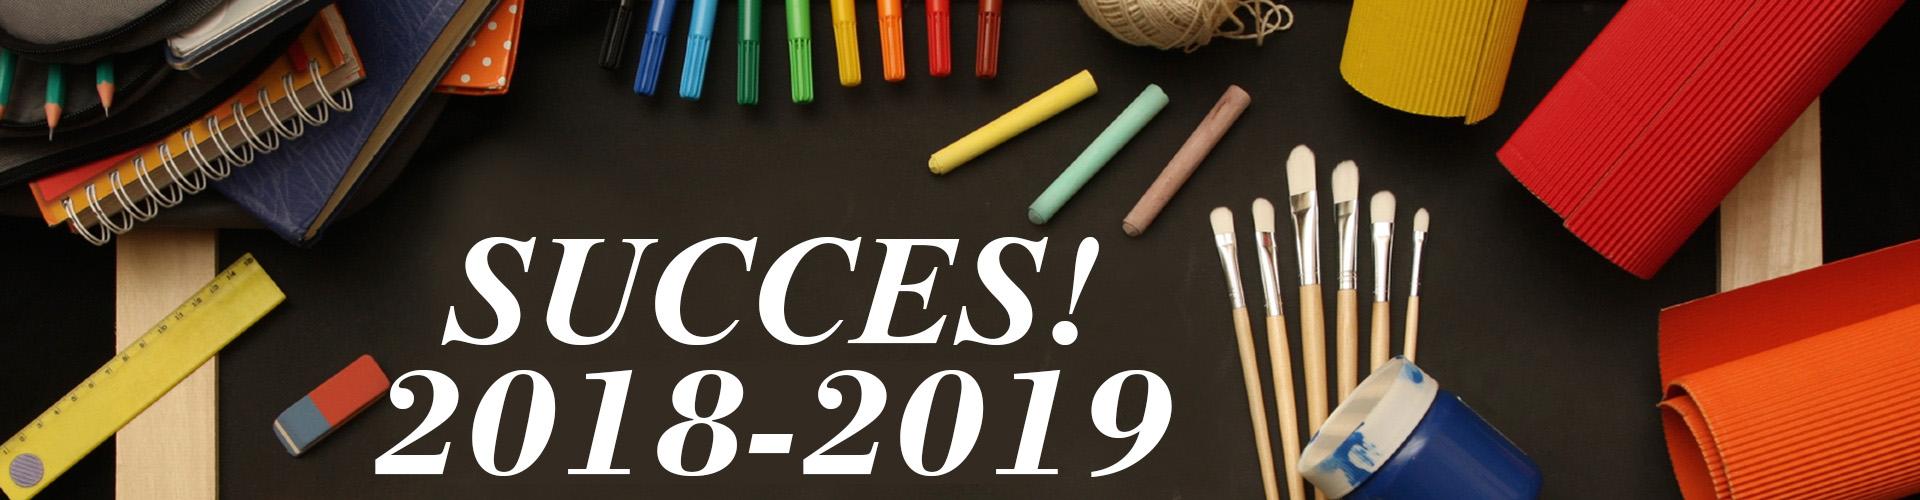 succes-2018-2019